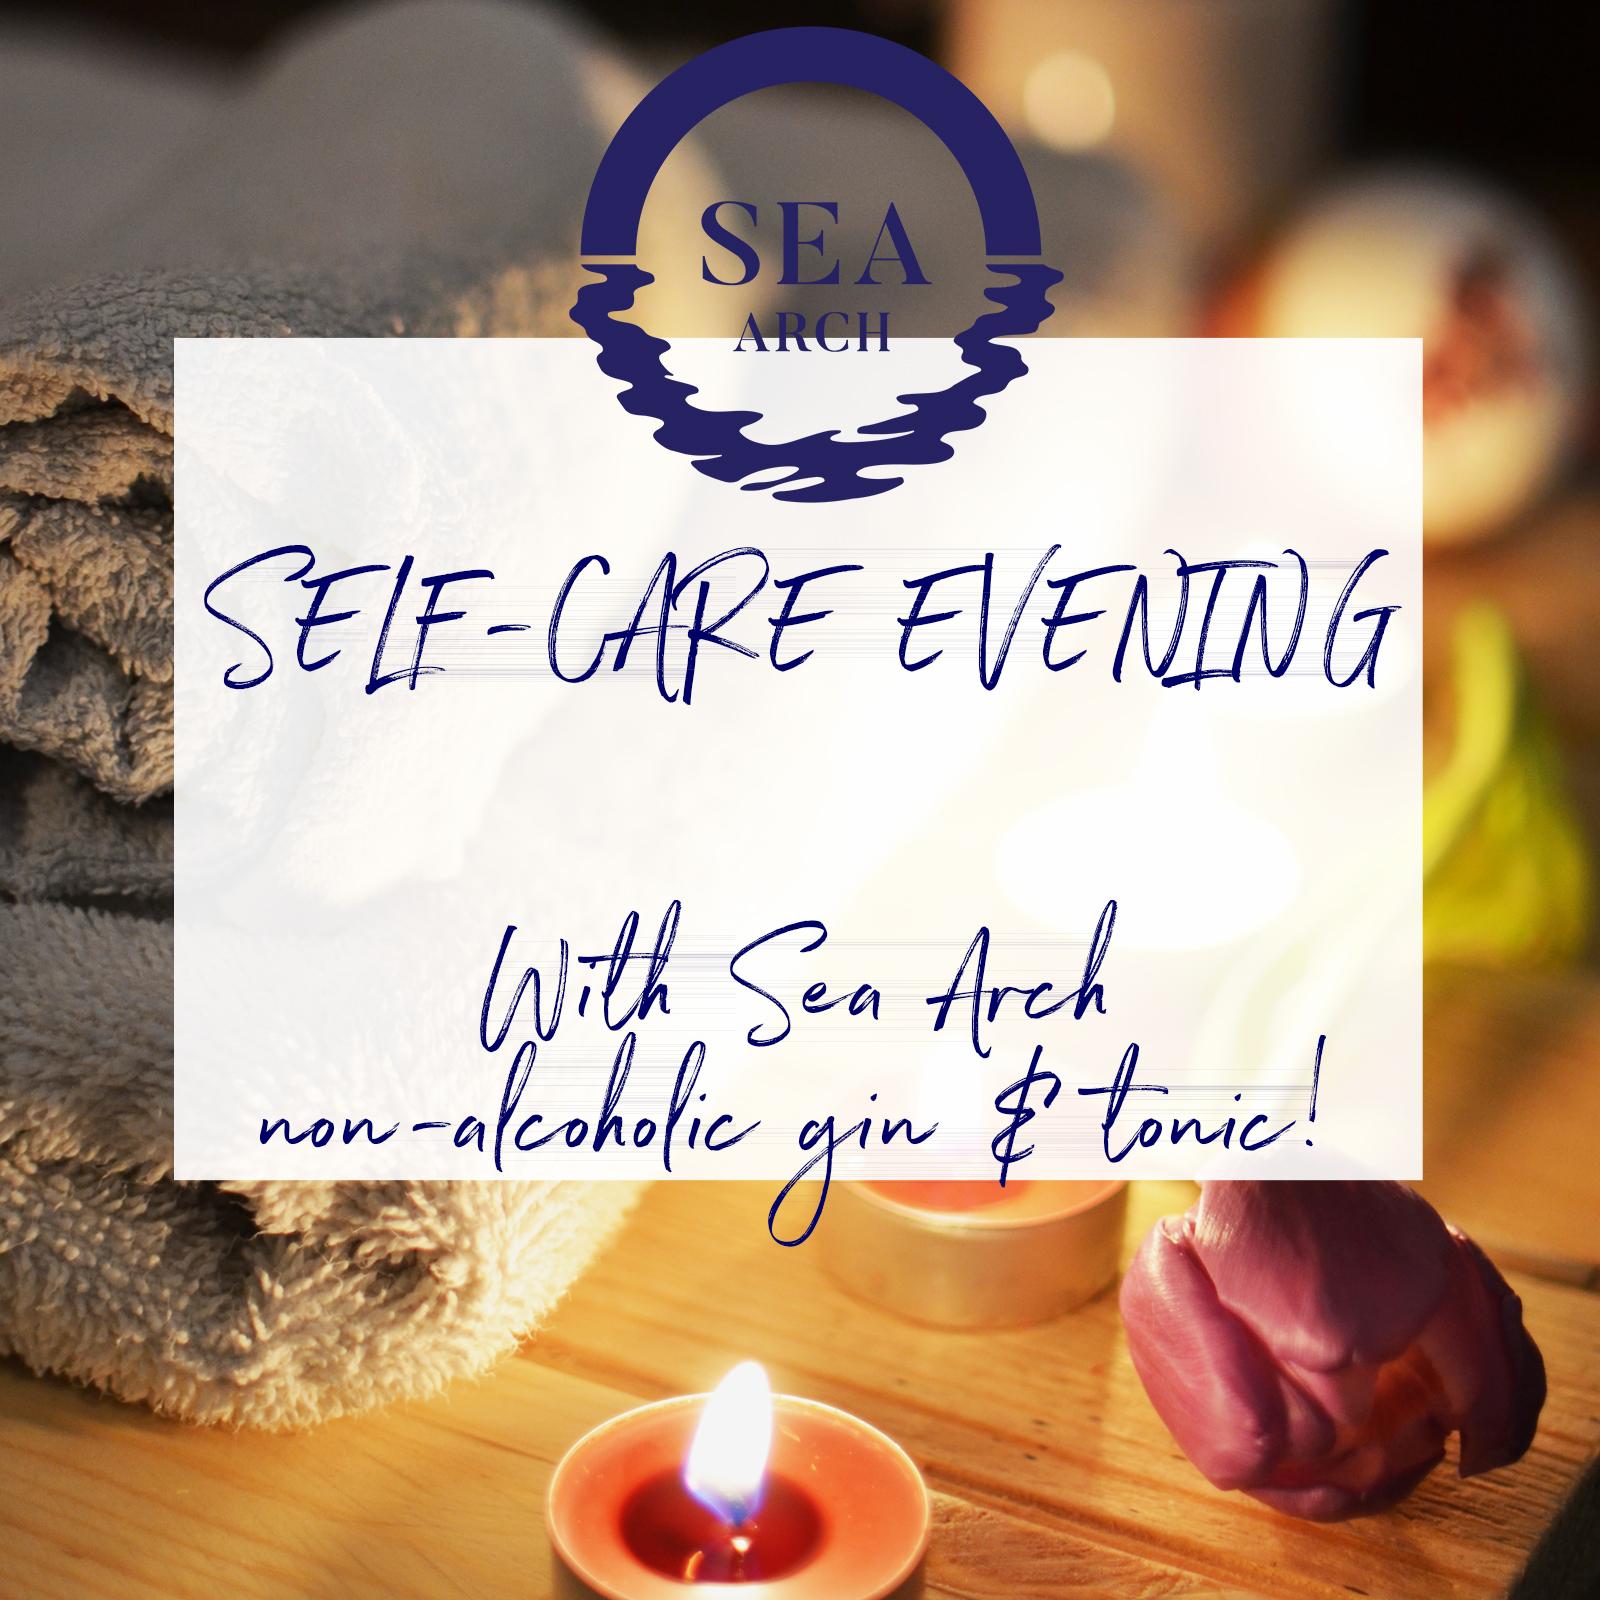 Sea+Arch+non alcoholic+g%26t+self care+evening